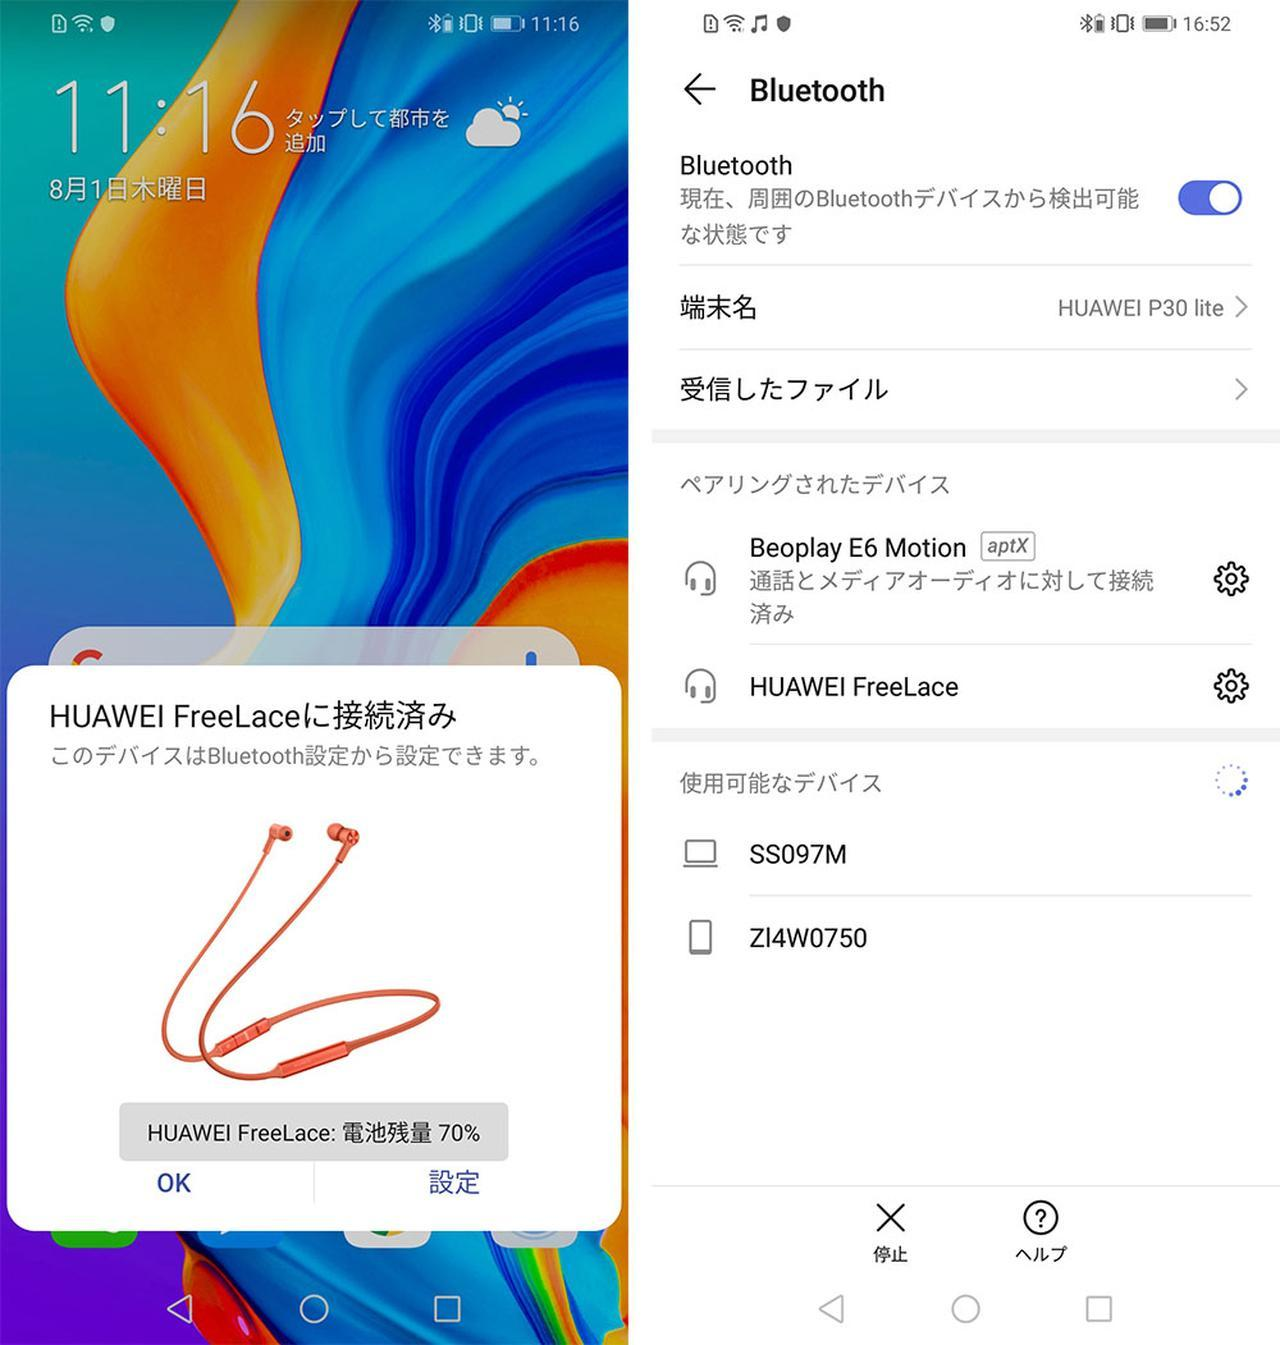 画像: P30 liteにFree Laceをつなぐと、自動的にBluetoothの認証が行なわれる(左)。右はペアリングの確認画面。E6 MoitonはちゃんとaptXで接続されていた